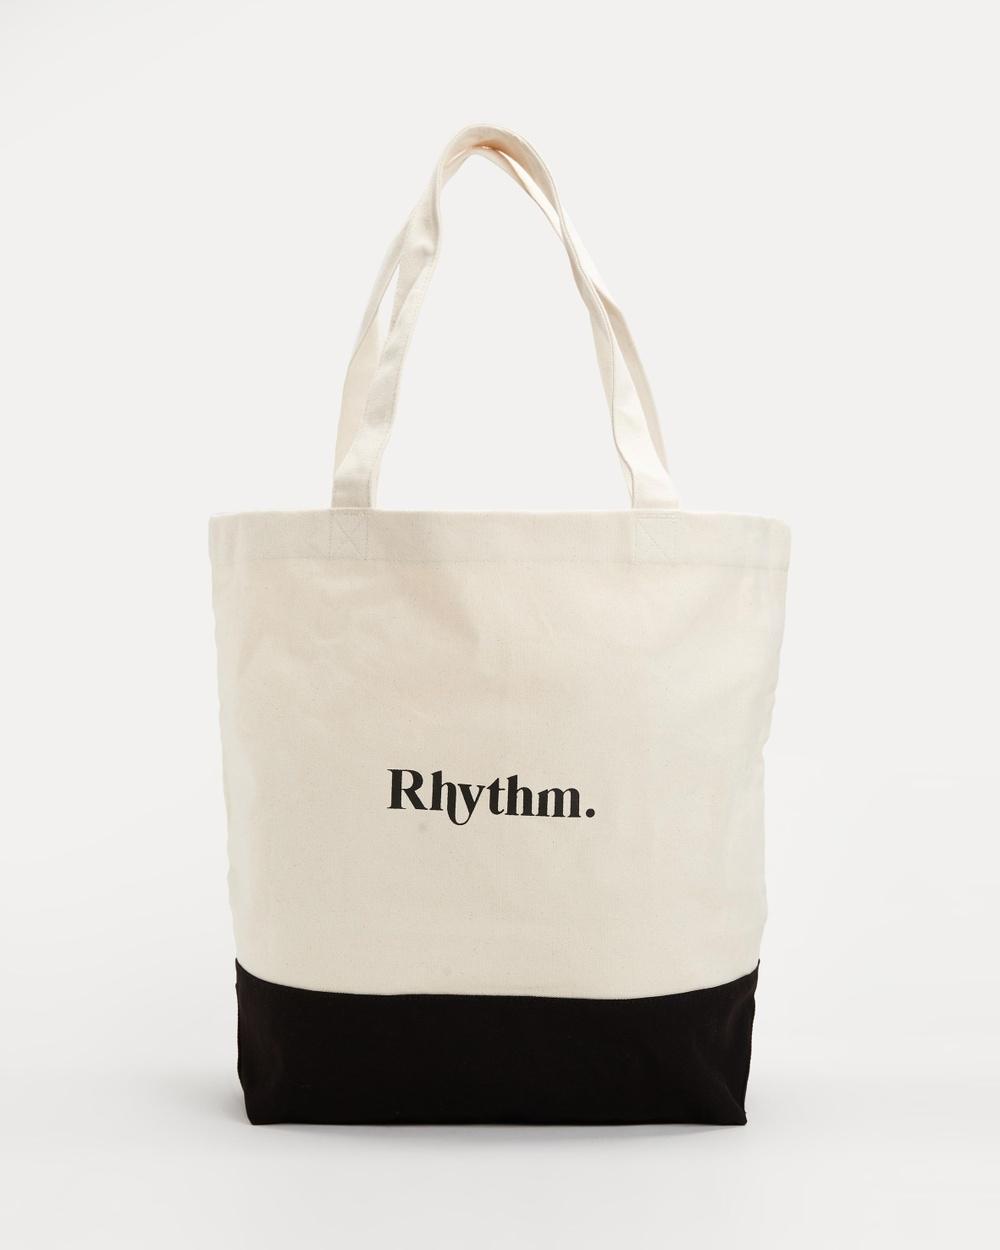 Rhythm Canvas Beach Tote Bags Black